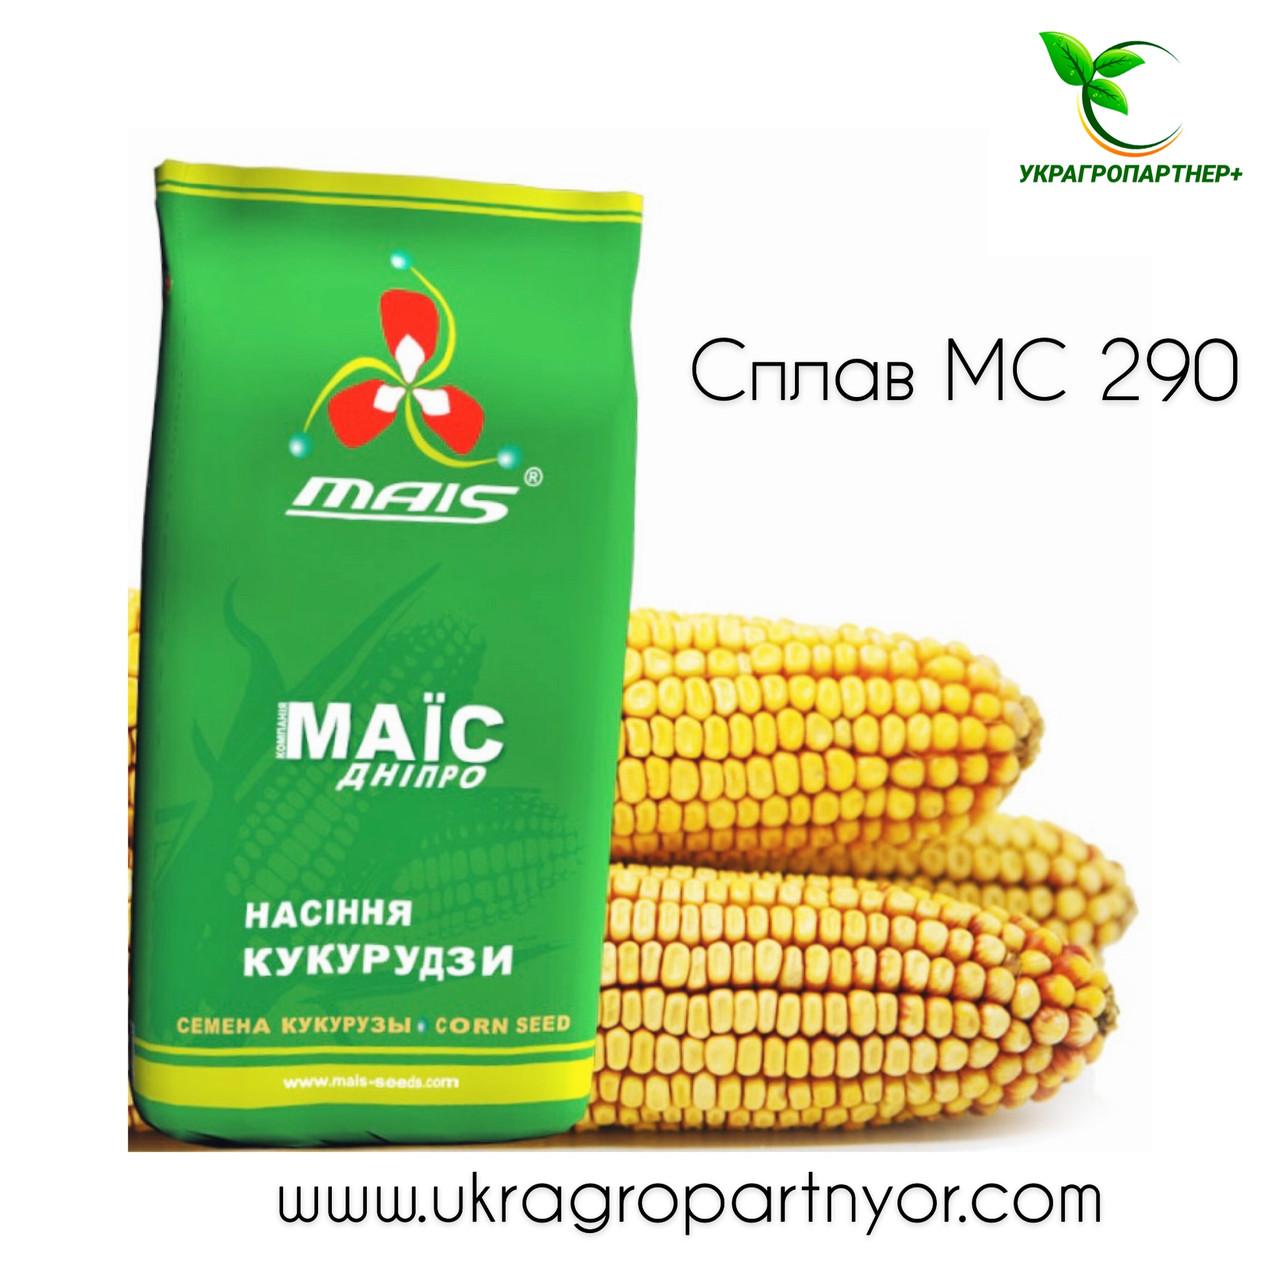 КУКУРУЗА СПЛАВ МС 290 (ФАО - 290) 2020 г.у. (МАИС Синельниково)